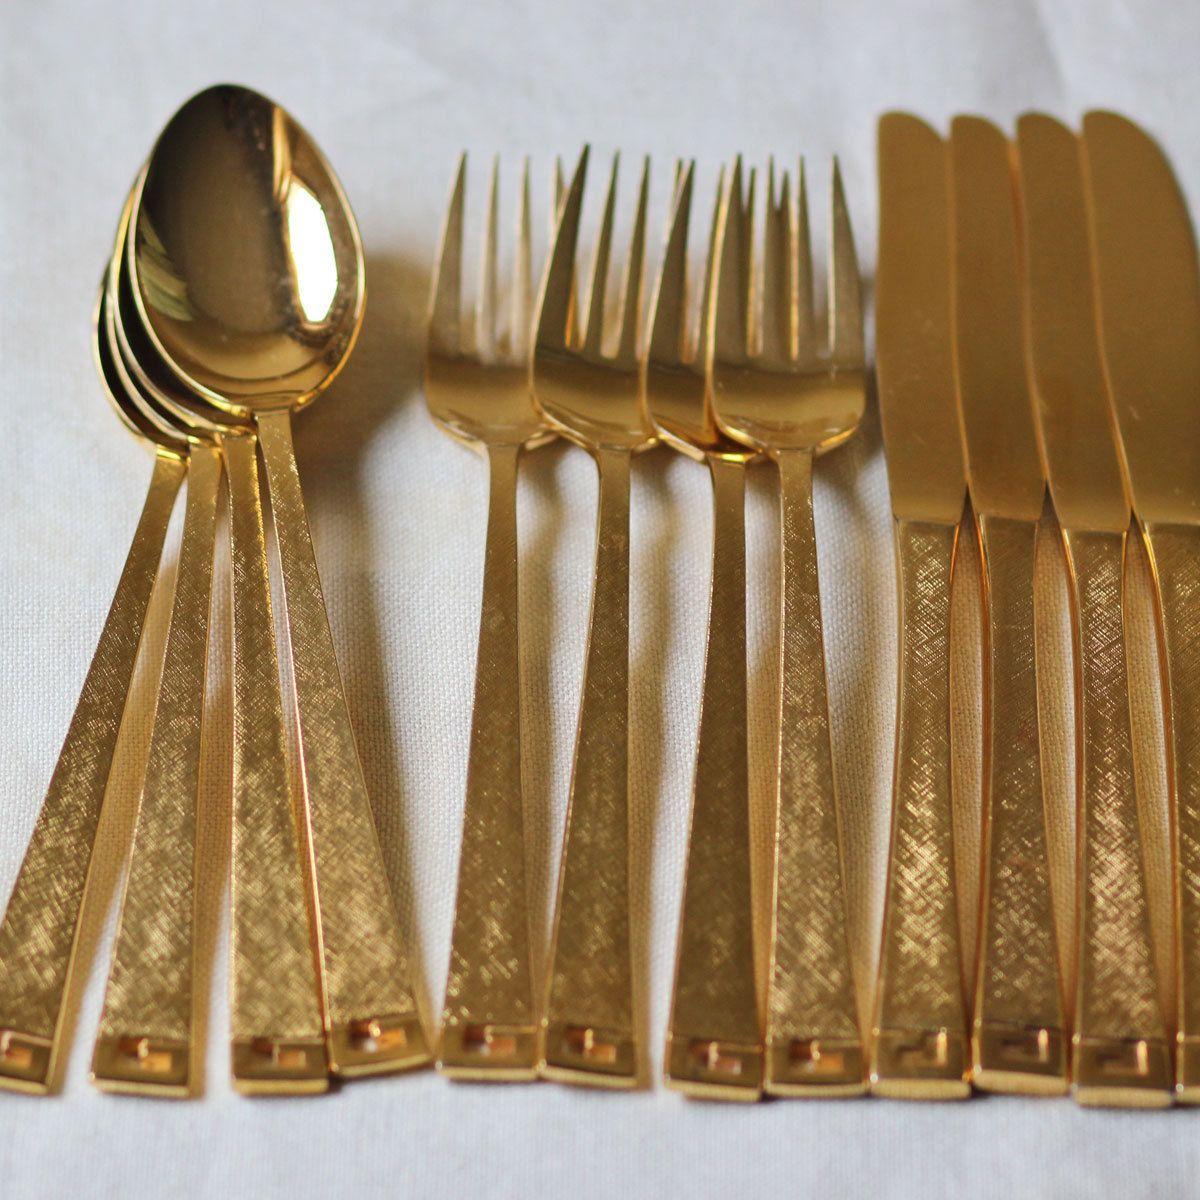 Gold Plated Flatware Vintage Gold Flatware Flatware